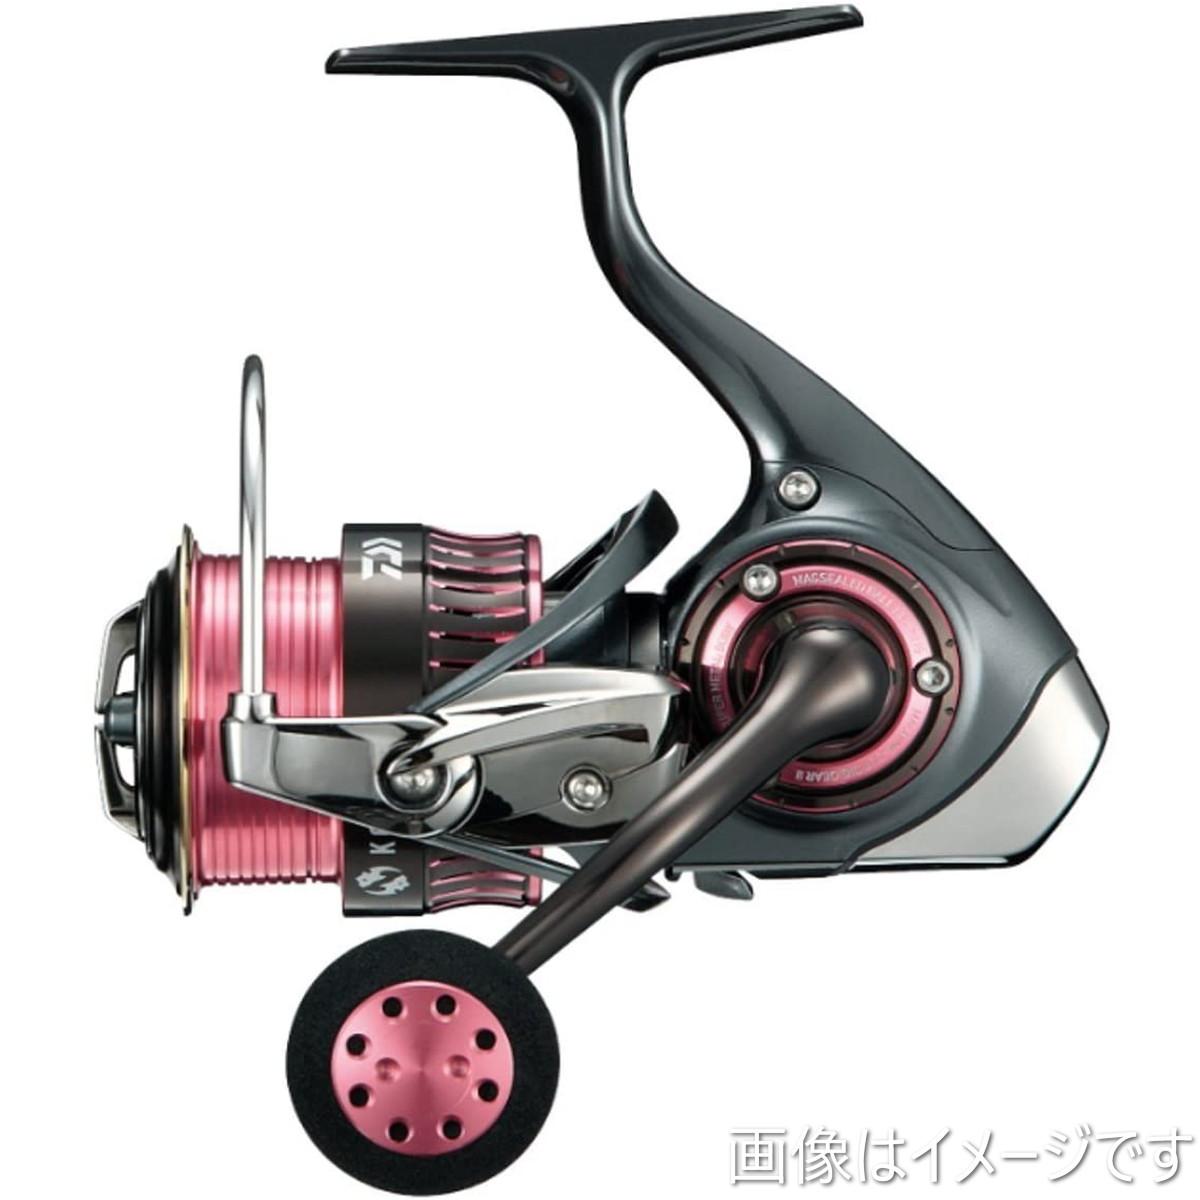 ダイワ(Daiwa) 2510RPE スピニングリール (2500サイズ) 紅牙EX タイラバ